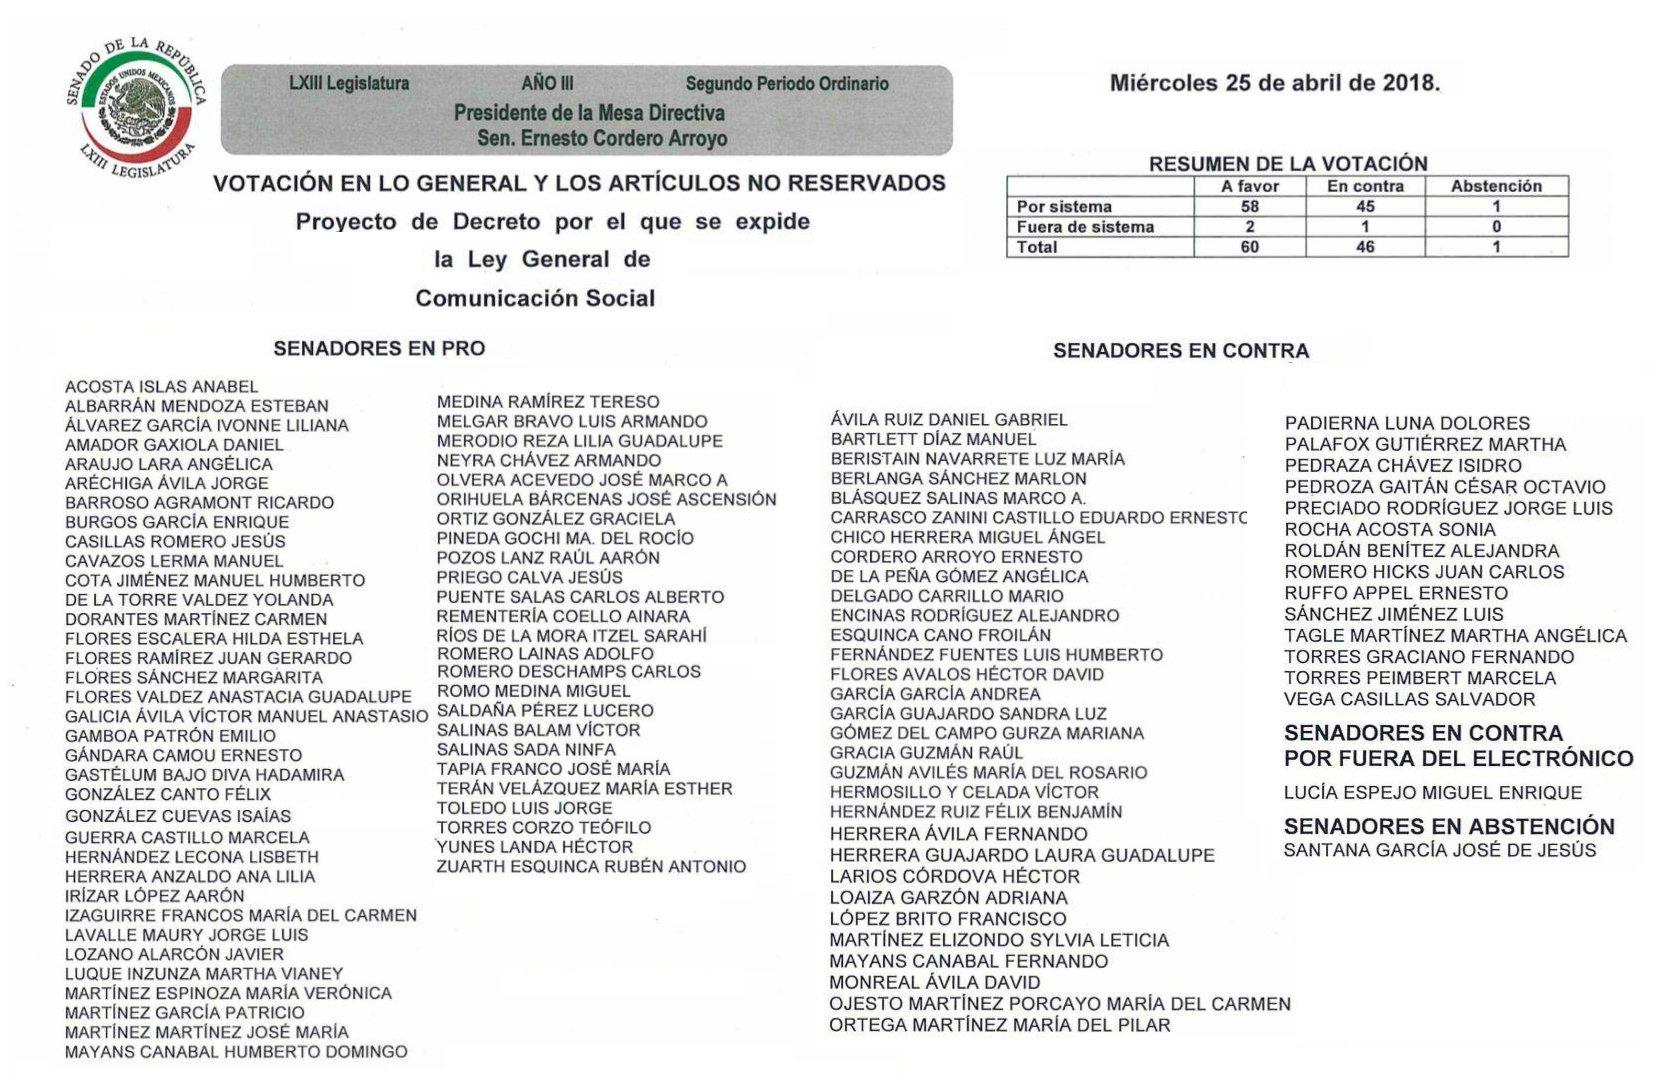 Votación en lo general Ley Chayote